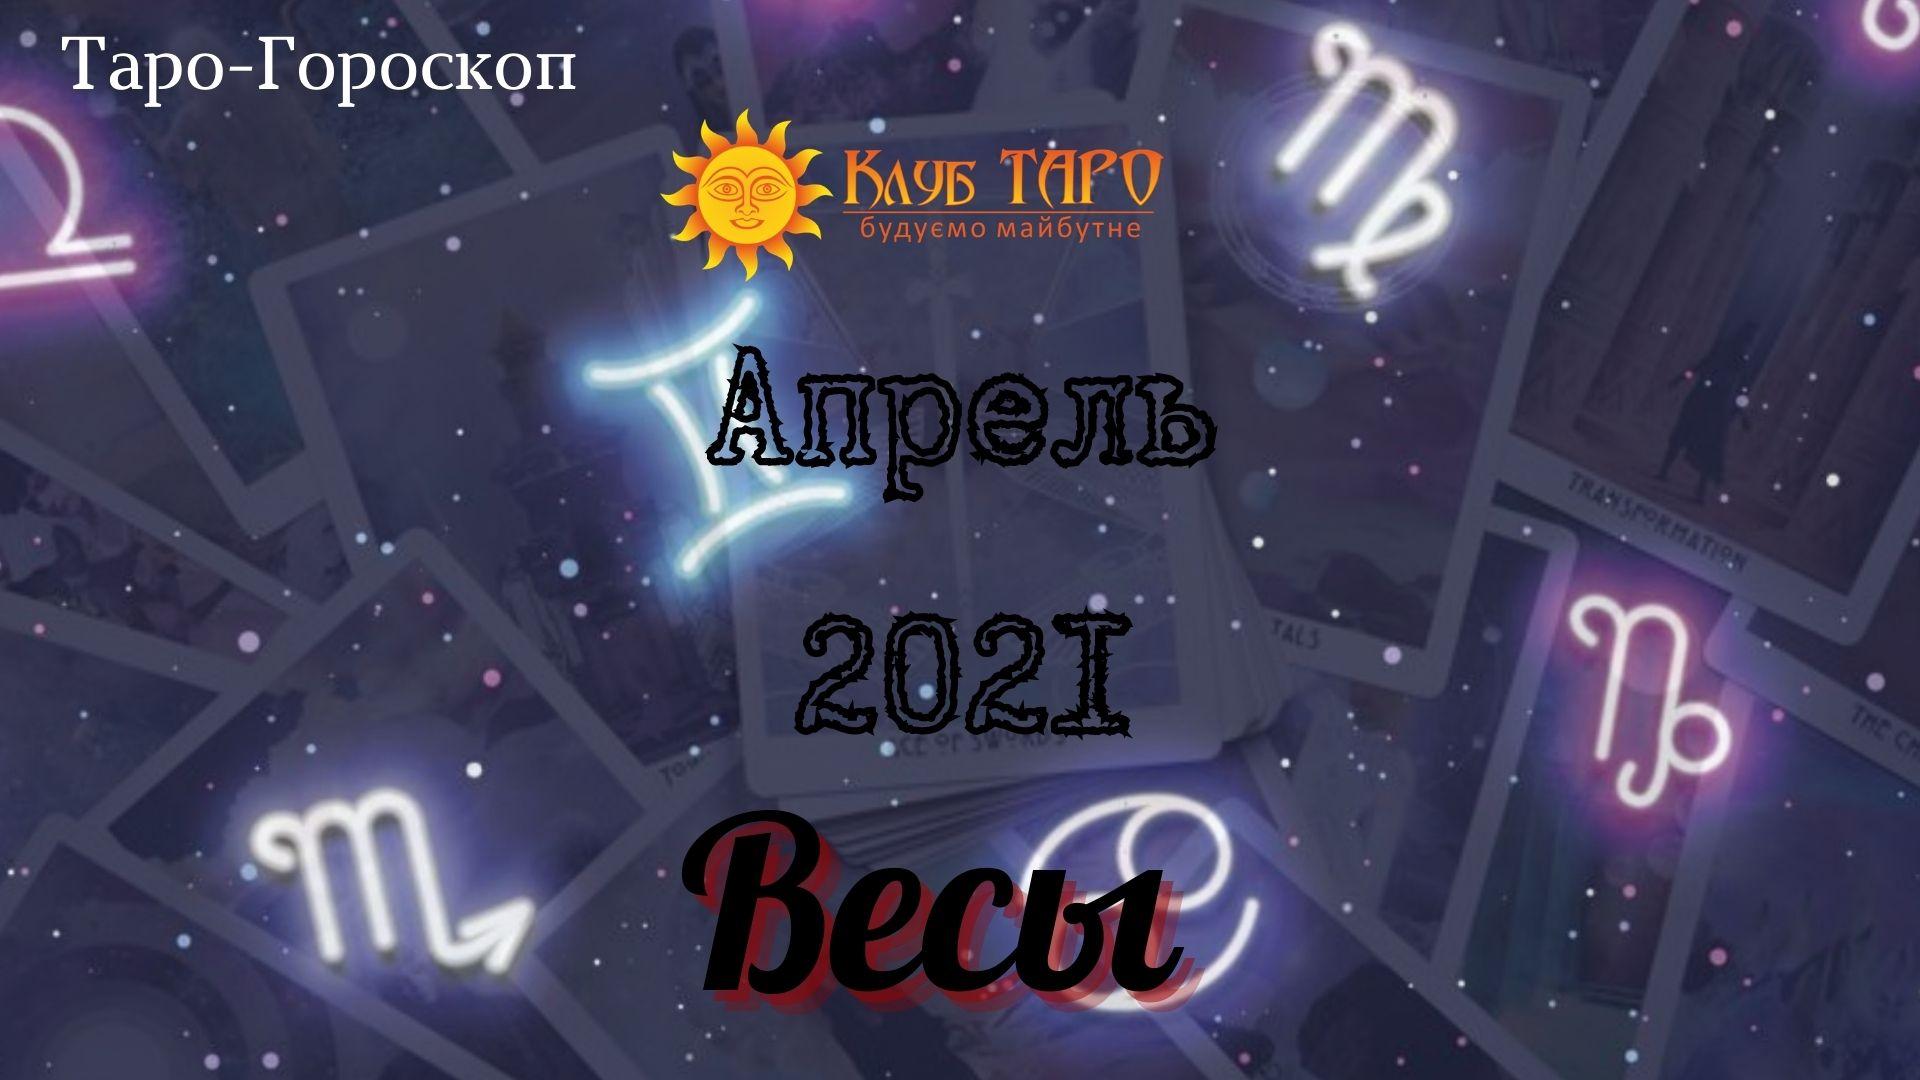 horosvesapr21